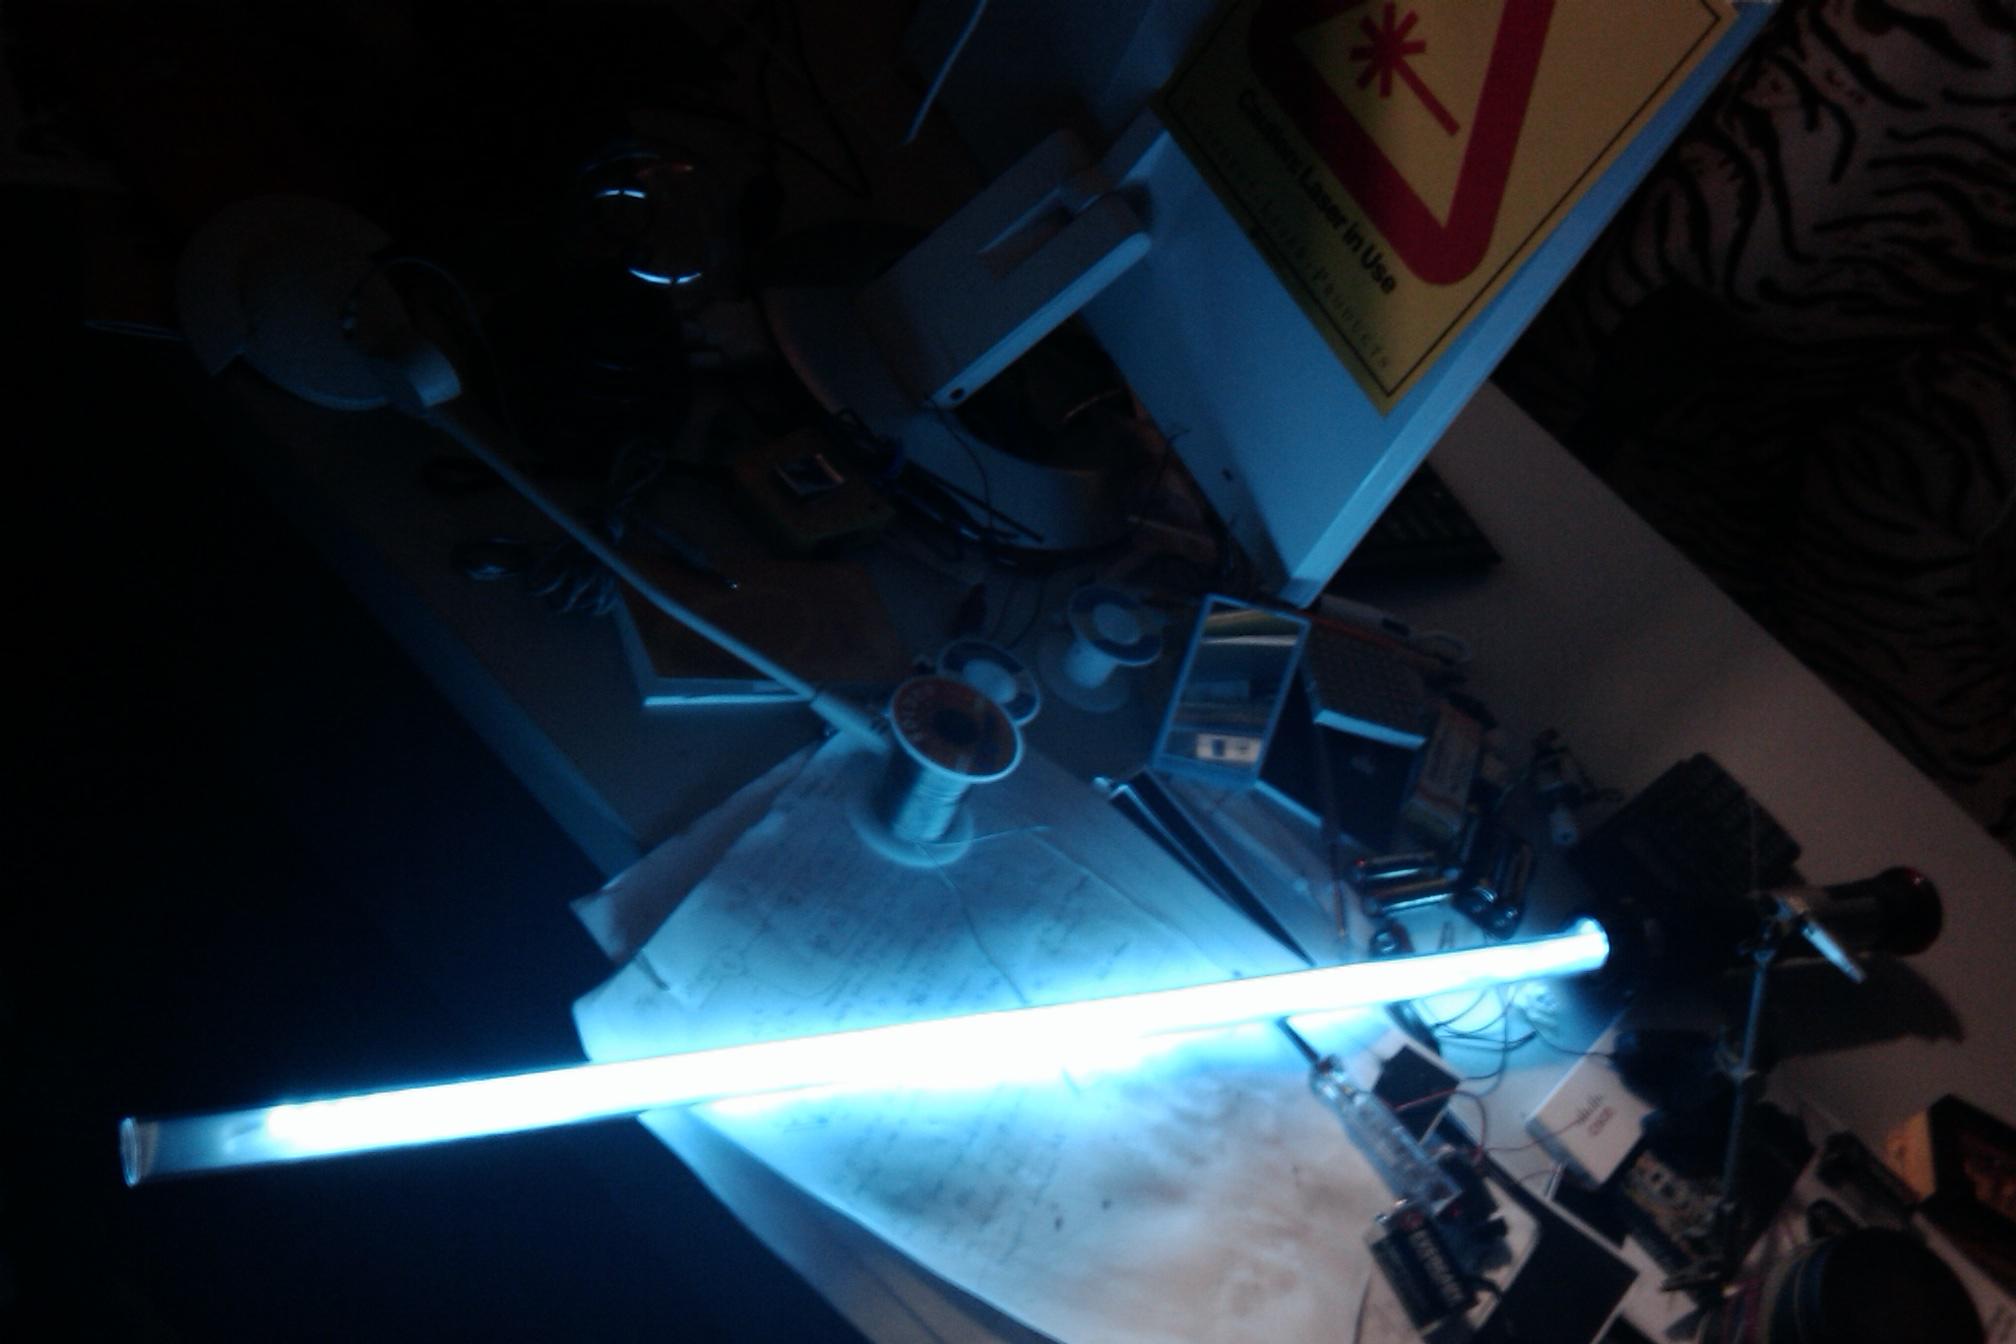 DIY light saber for